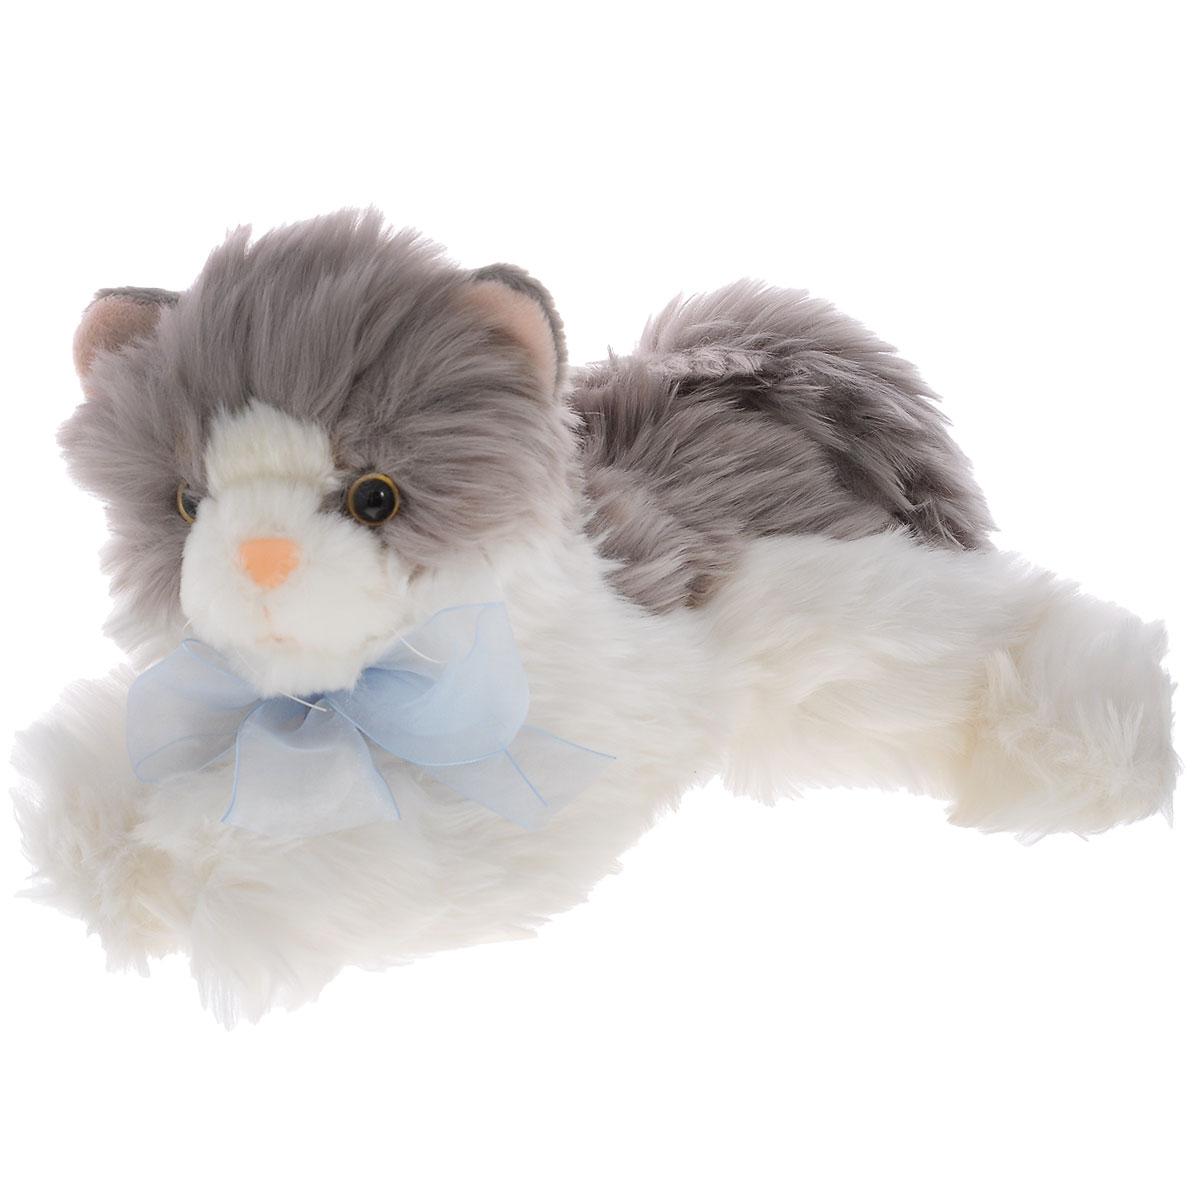 Мягкая игрушка Plush Apple Кошка с бантом, 30 смK96145B3,B6Симпатичная мягка игрушка Plush Apple Кошка с бантом привлечет внимание любого ребенка. Выполнена из безопасных материалов в виде милой кошечки с бантиком. С такой забавной игрушкой можно смело засыпать в кроватке или отправляться на прогулку. Специальные гранулы, используемые при ее набивке, способствуют развитию мелкой моторики рук малыша. Великолепное качество исполнения делают эту игрушку чудесным подарком к любому празднику.